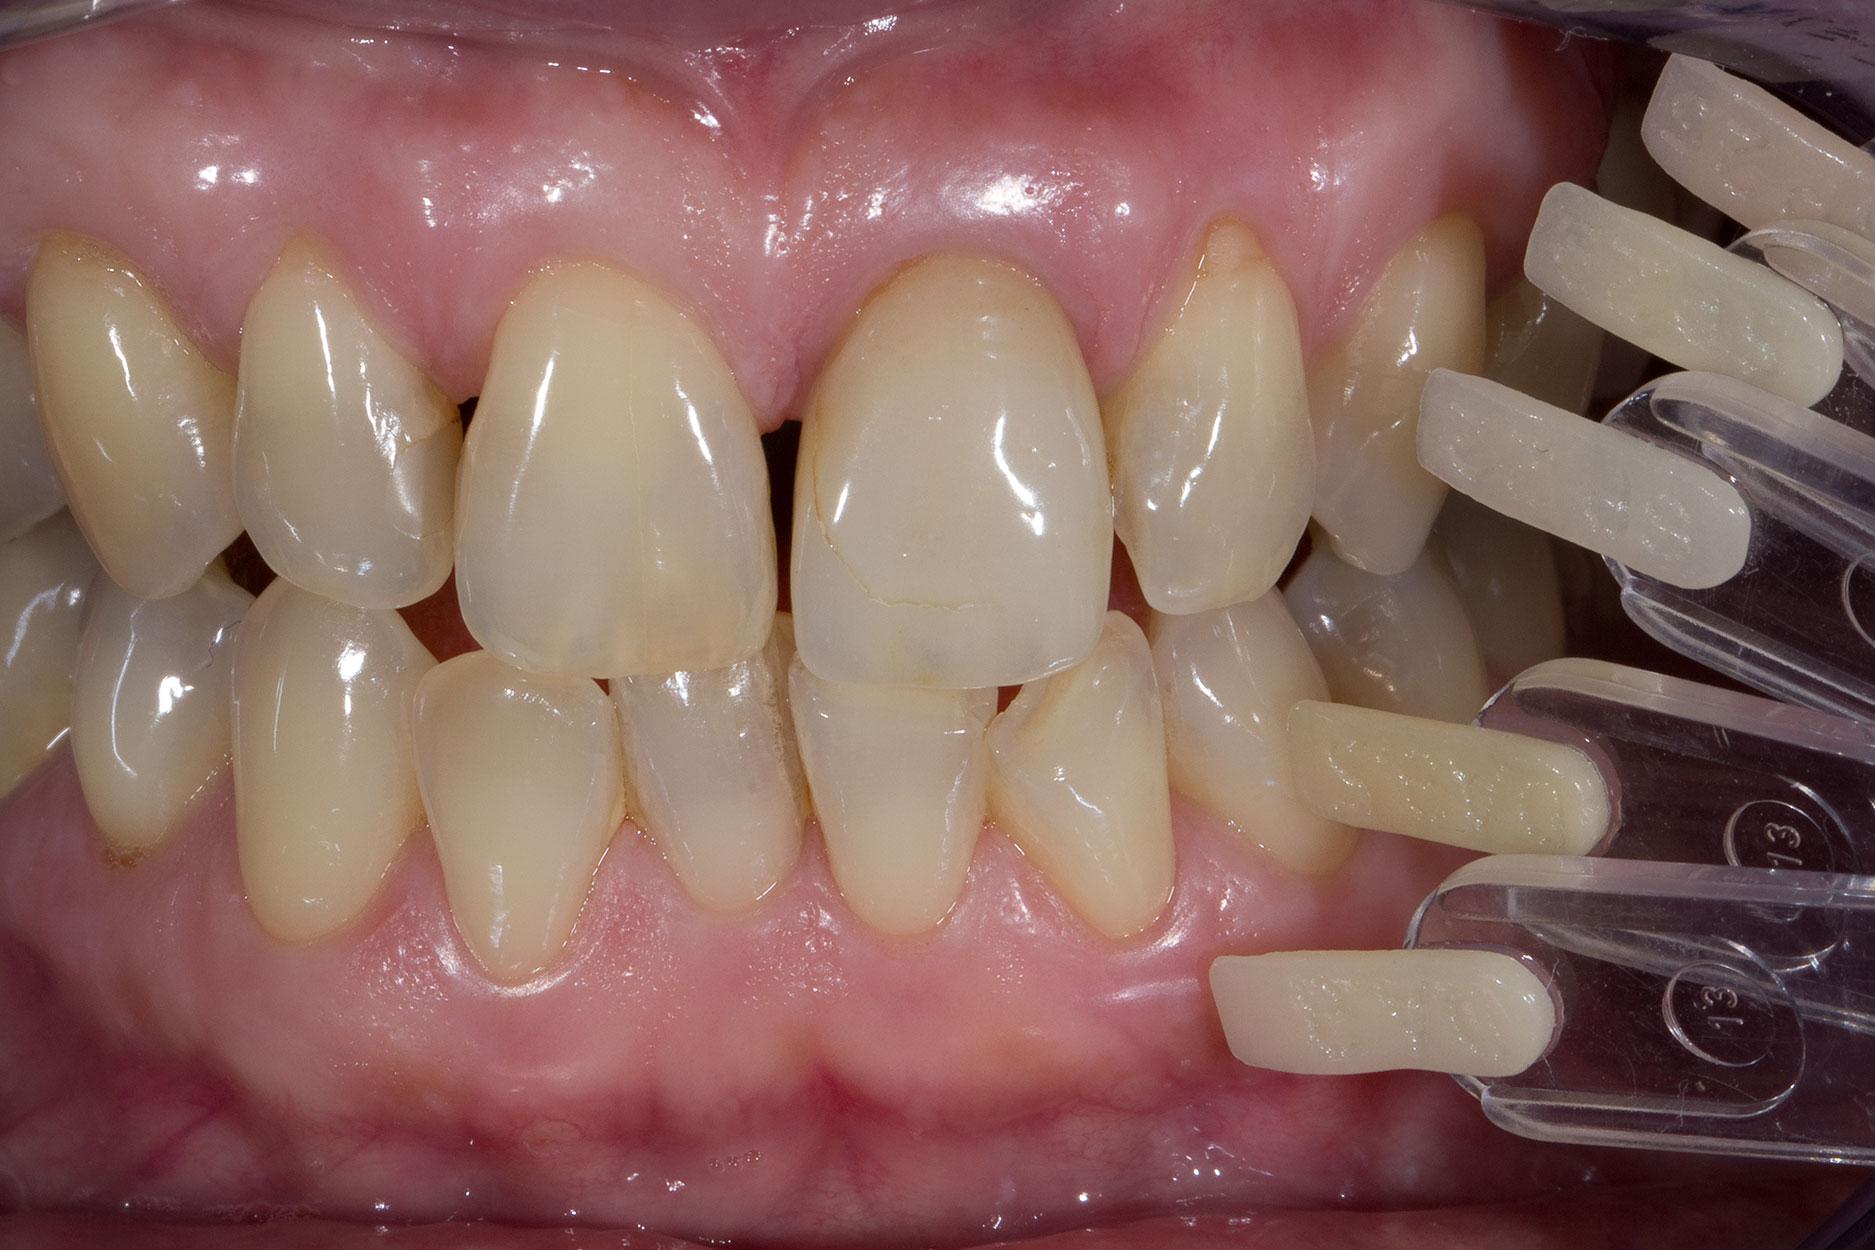 Abb. 4 Dentinfarben werden bestimmt